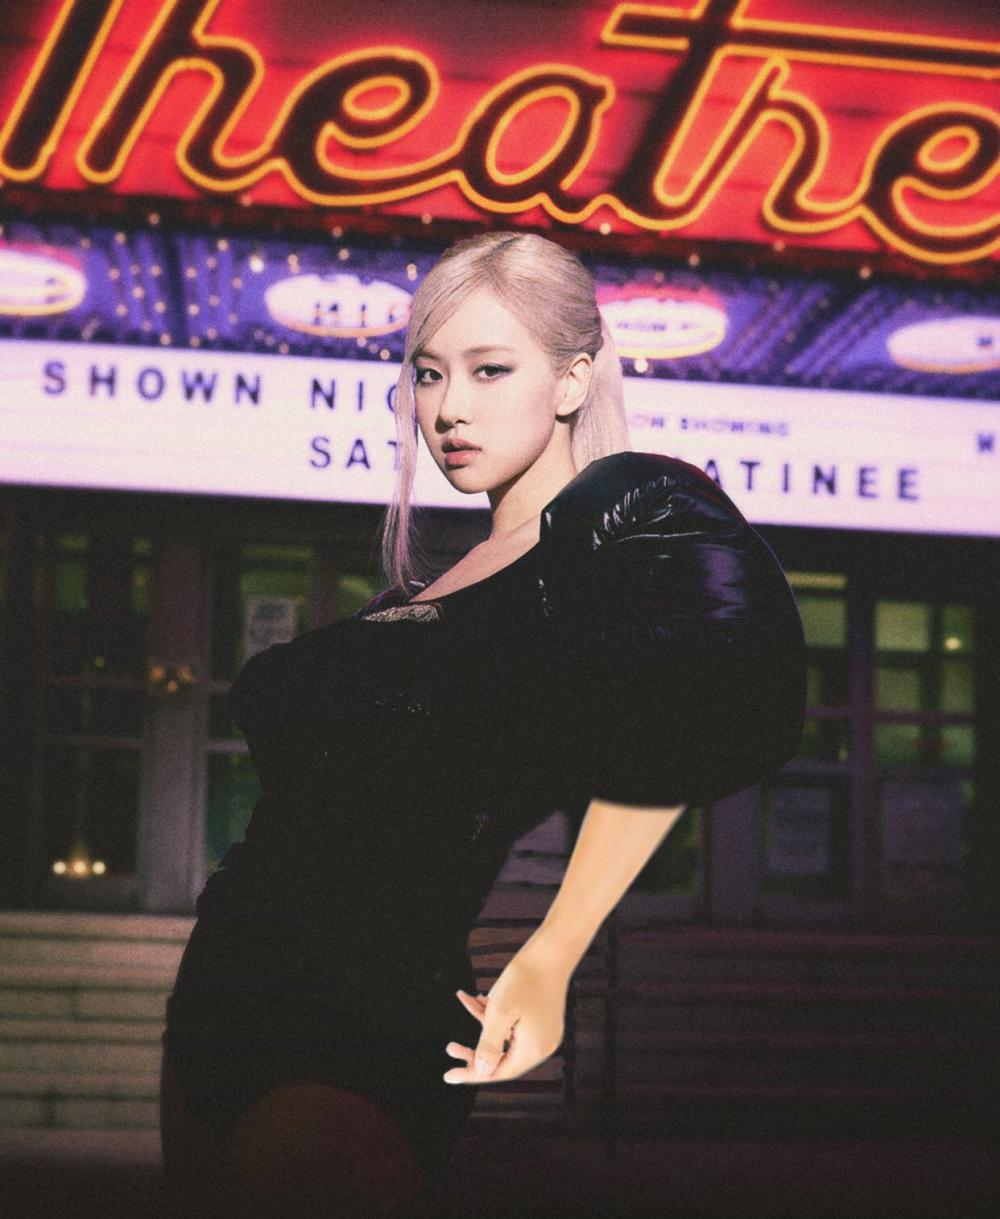 MV On The Ground của Rosé chính thức phá kỷ lục lượt xem trong 24h đầu của nghệ sĩ Kpop solo